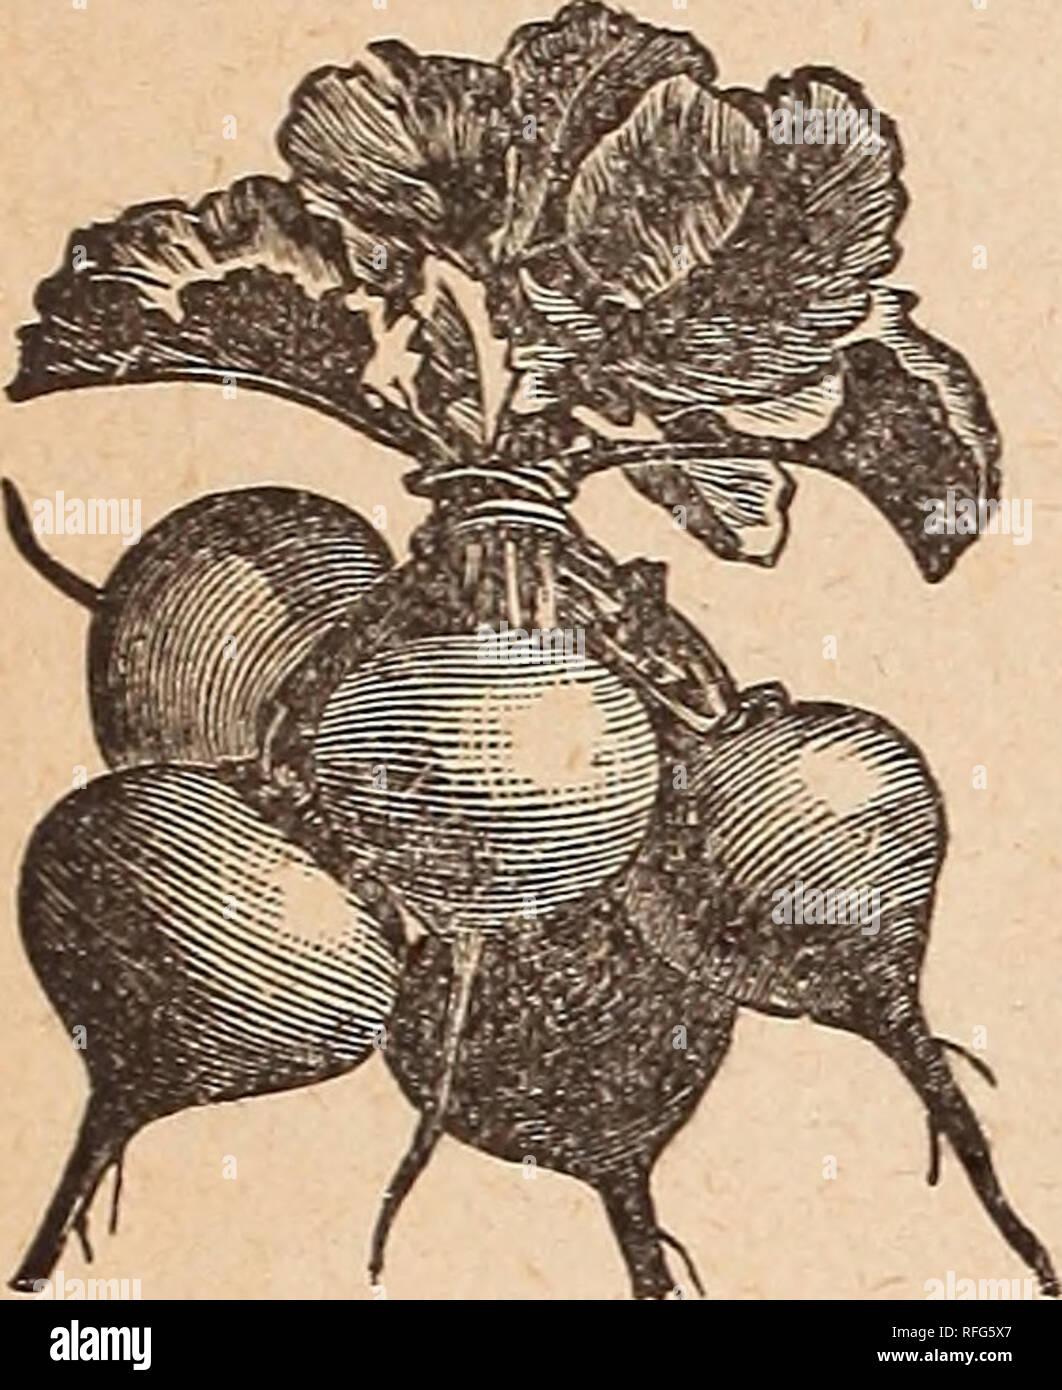 . Catalogo annuale : collaudato e affidabile giardino, campo e semi di fiori. Vivaio Ohio Cincinnati cataloghi; semi di ortaggi cataloghi; semi di graminacee cataloghi; fiori cataloghi; attrezzi agricoli cataloghi. 10 J. CHAS. McCTJLLOUGH, Seedsman,. Il ravanello, ha continuato. Bri^hest l.ongitaliane' Scarlet-IT è molto precoce, maturando in 20-25 giorni, la polpa croccante e tenero, eccellente per casa e giardino partec- ularly desiderabile per il mercato come si vende rapidamente a causa della sua ammenda colore e forma. 10 cts. oz.; 20 cts. Jeave<l-non esegui per seme così facilmente come le altre. 15 cls. % Lb.; 45 cts. lb. Foto Stock